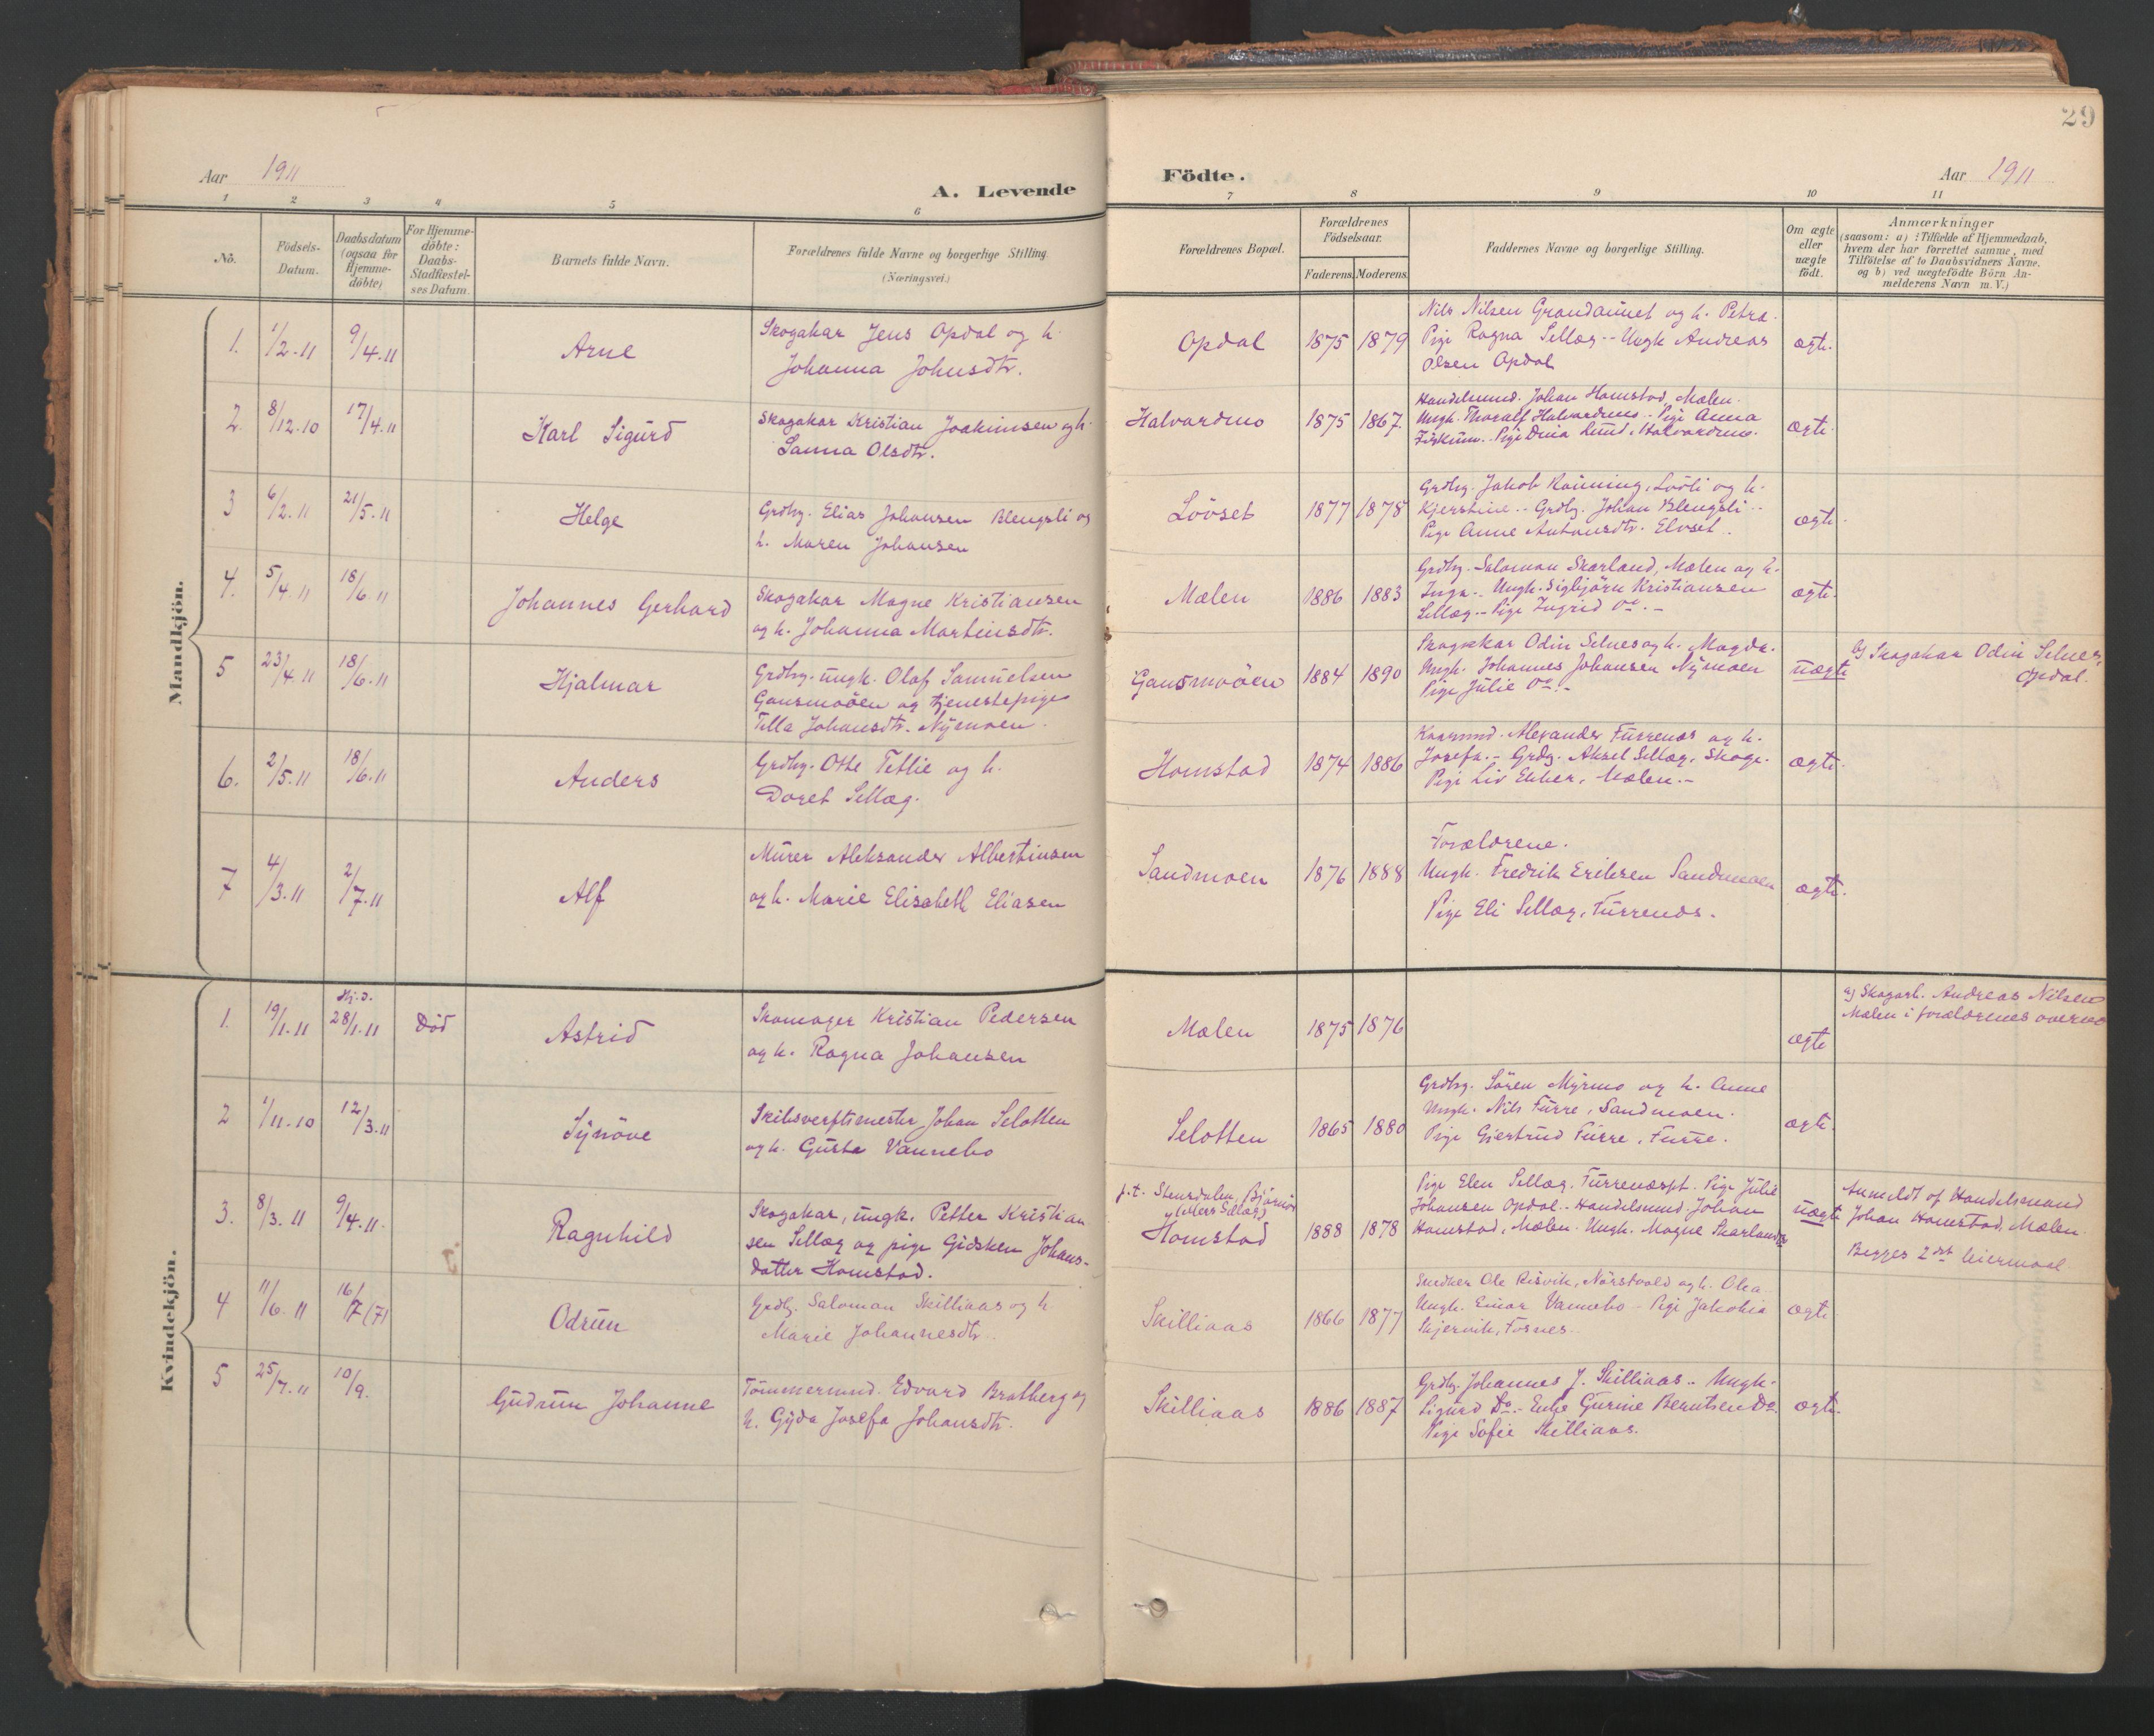 SAT, Ministerialprotokoller, klokkerbøker og fødselsregistre - Nord-Trøndelag, 766/L0564: Ministerialbok nr. 767A02, 1900-1932, s. 29